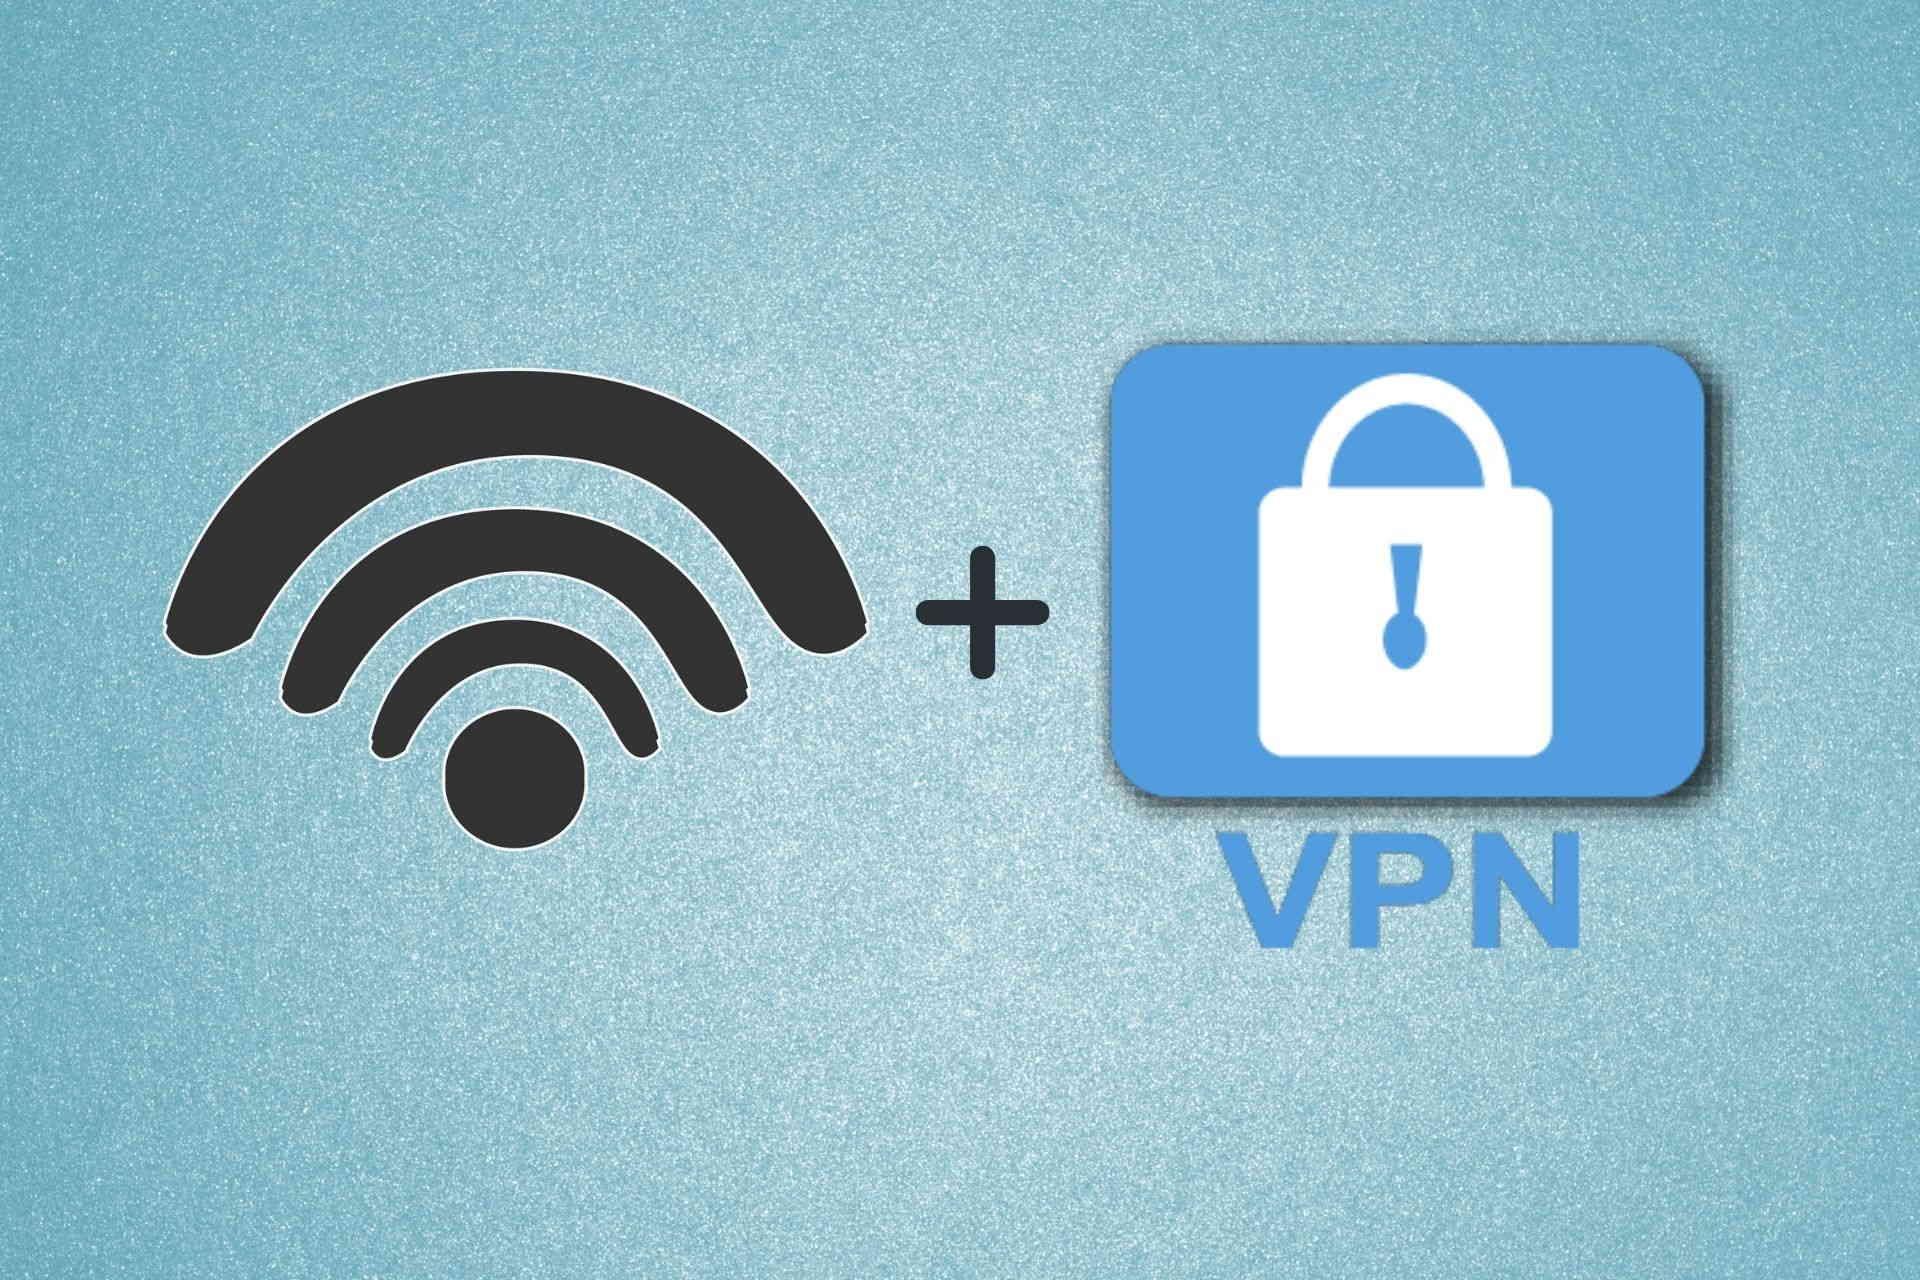 Impossible d'accéder au VPN sur le WiFi public